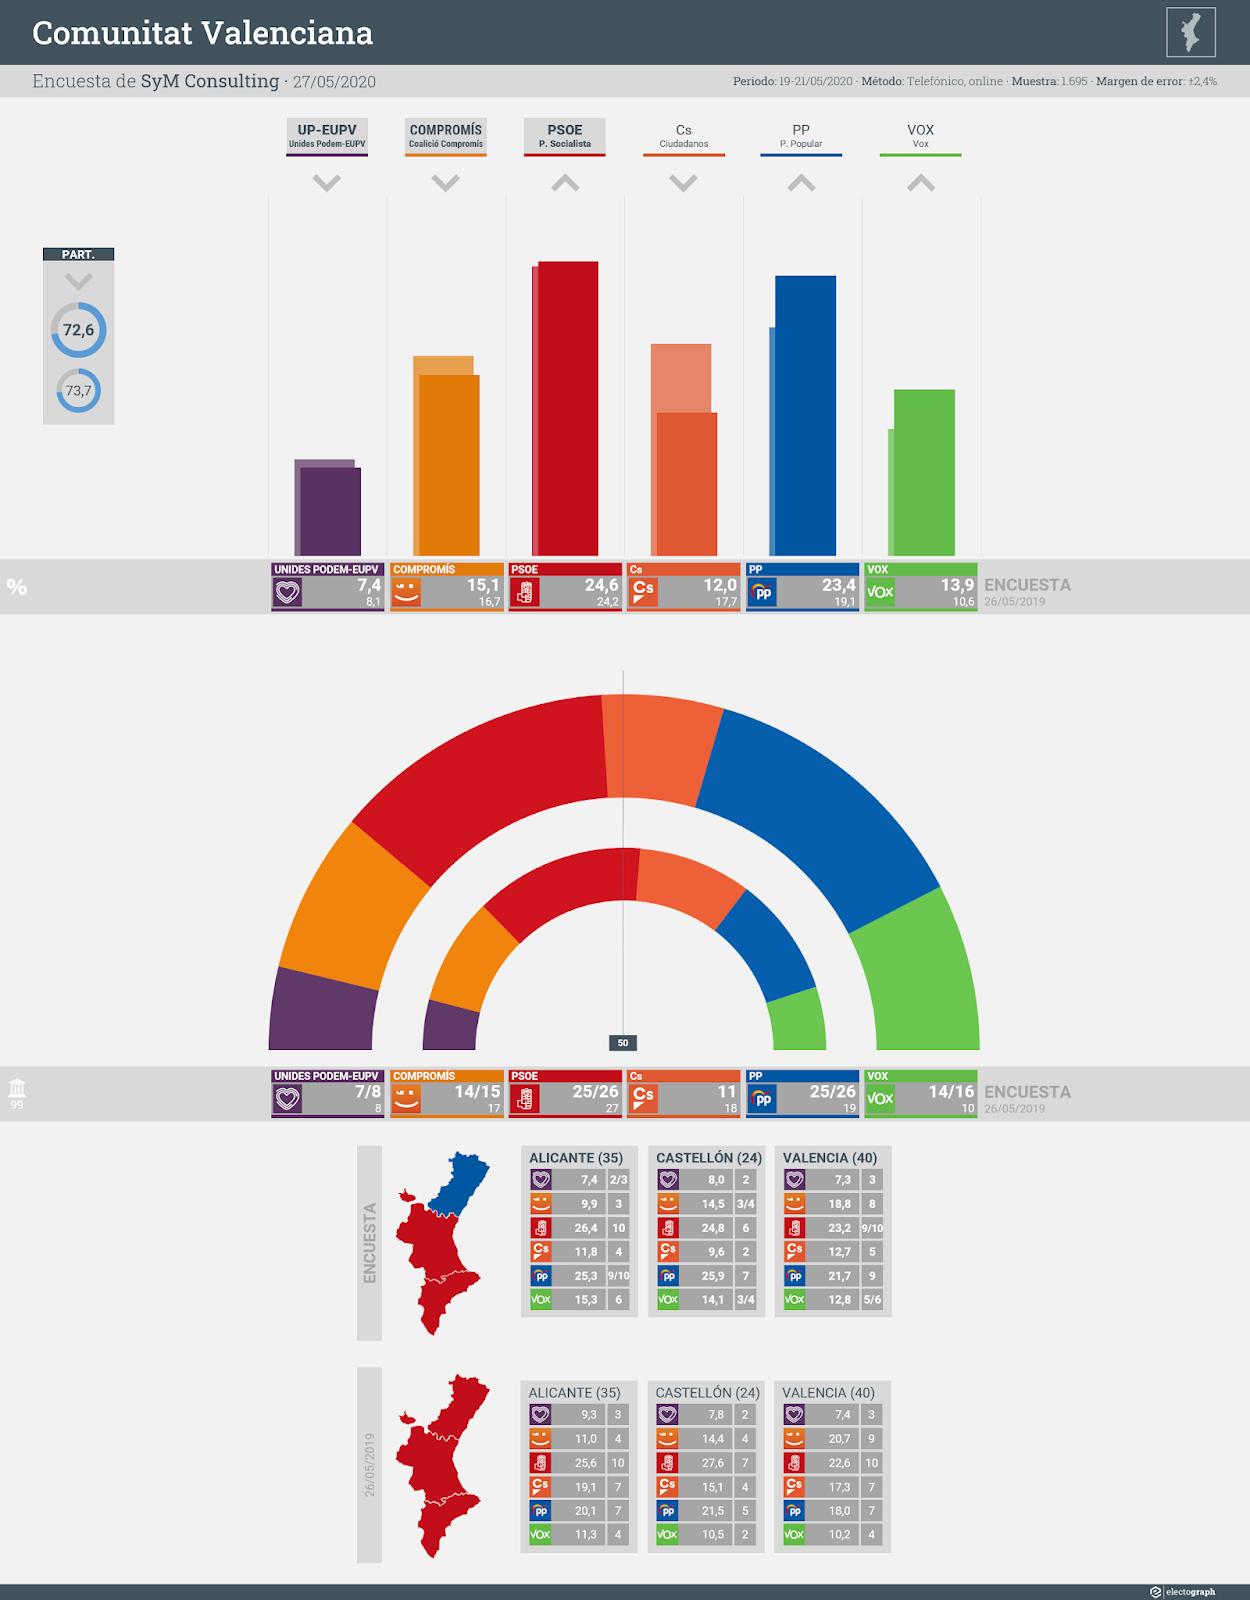 Gráfico de la encuesta para elecciones autonómicas en la Comunitat Valenciana realizada por SyM Consulting, 27 de mayo de 2020